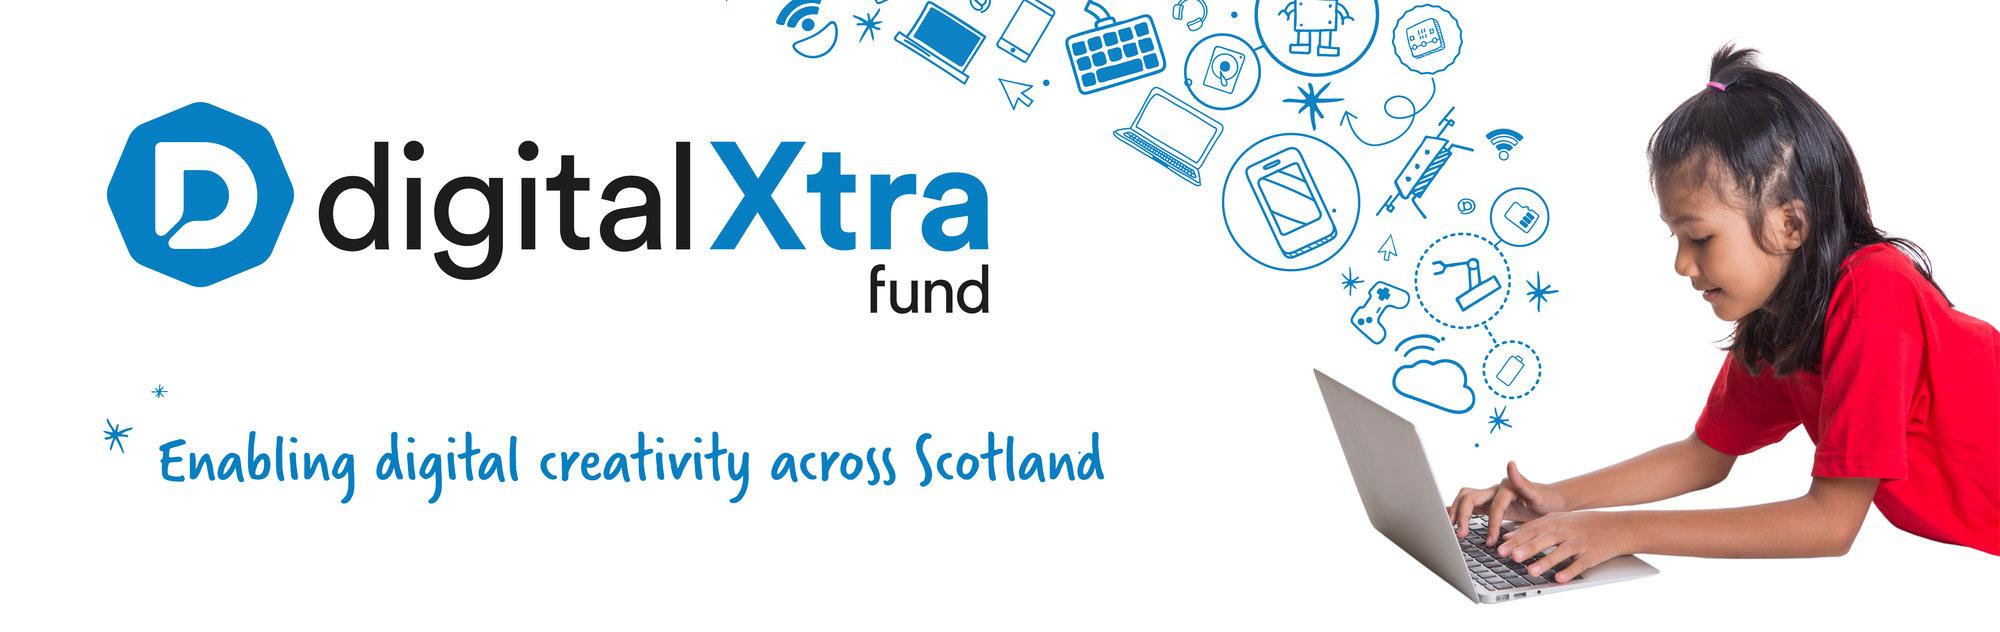 Digital Xtra Fund Web Banner - White